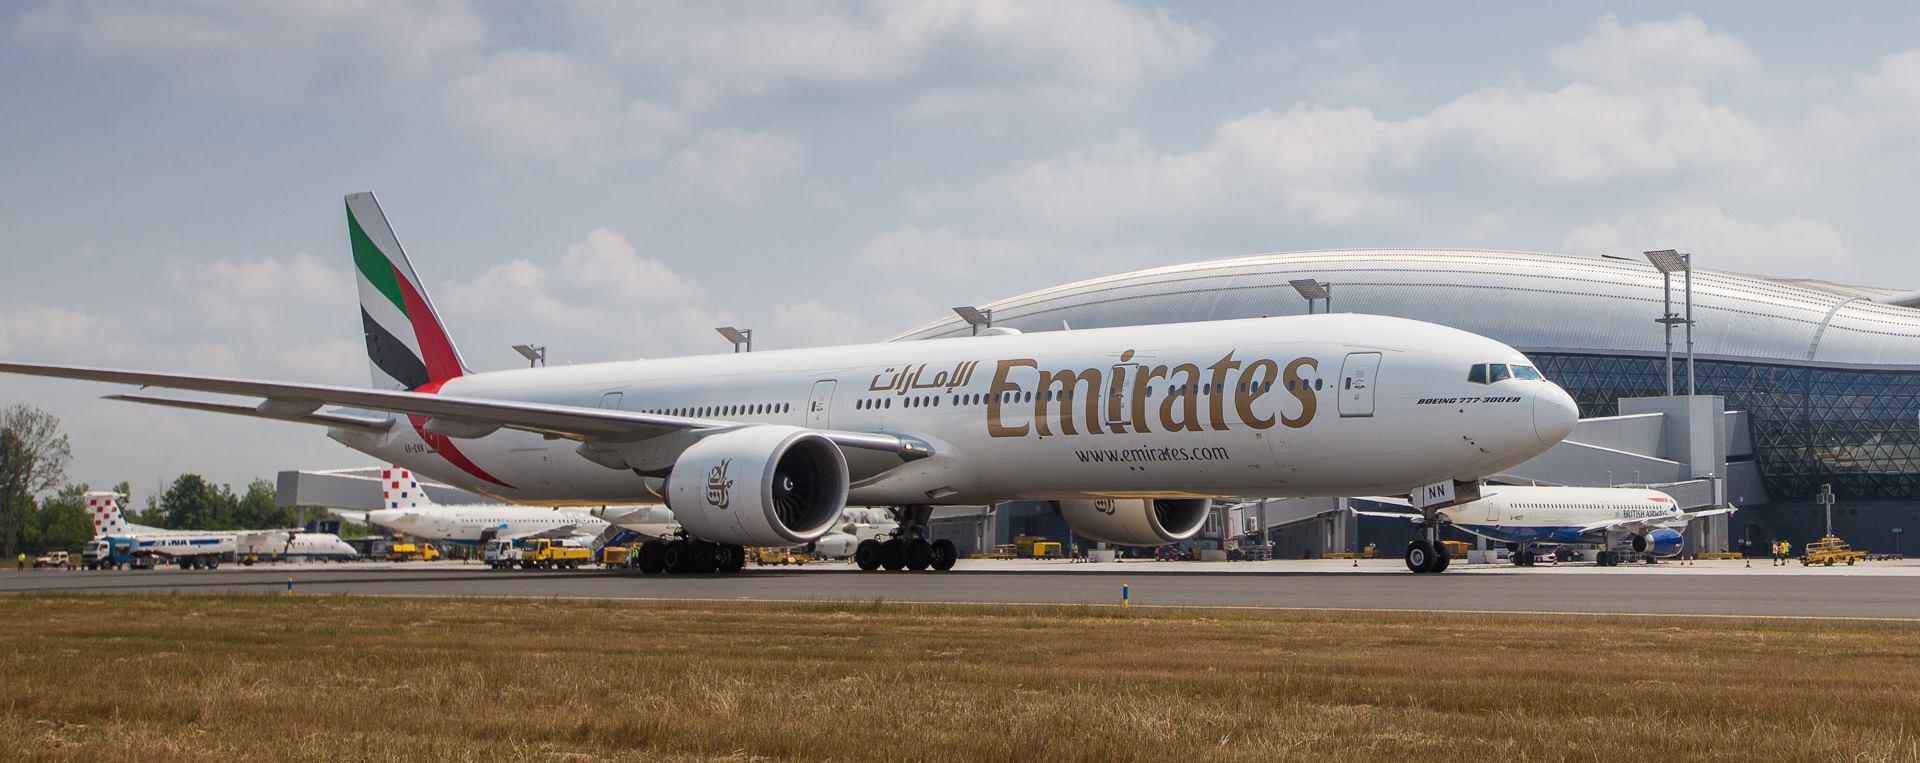 FOTO: Boeing 777-300ER zrakoplovne tvrtke Emirates svečano dočekan u Zagrebu